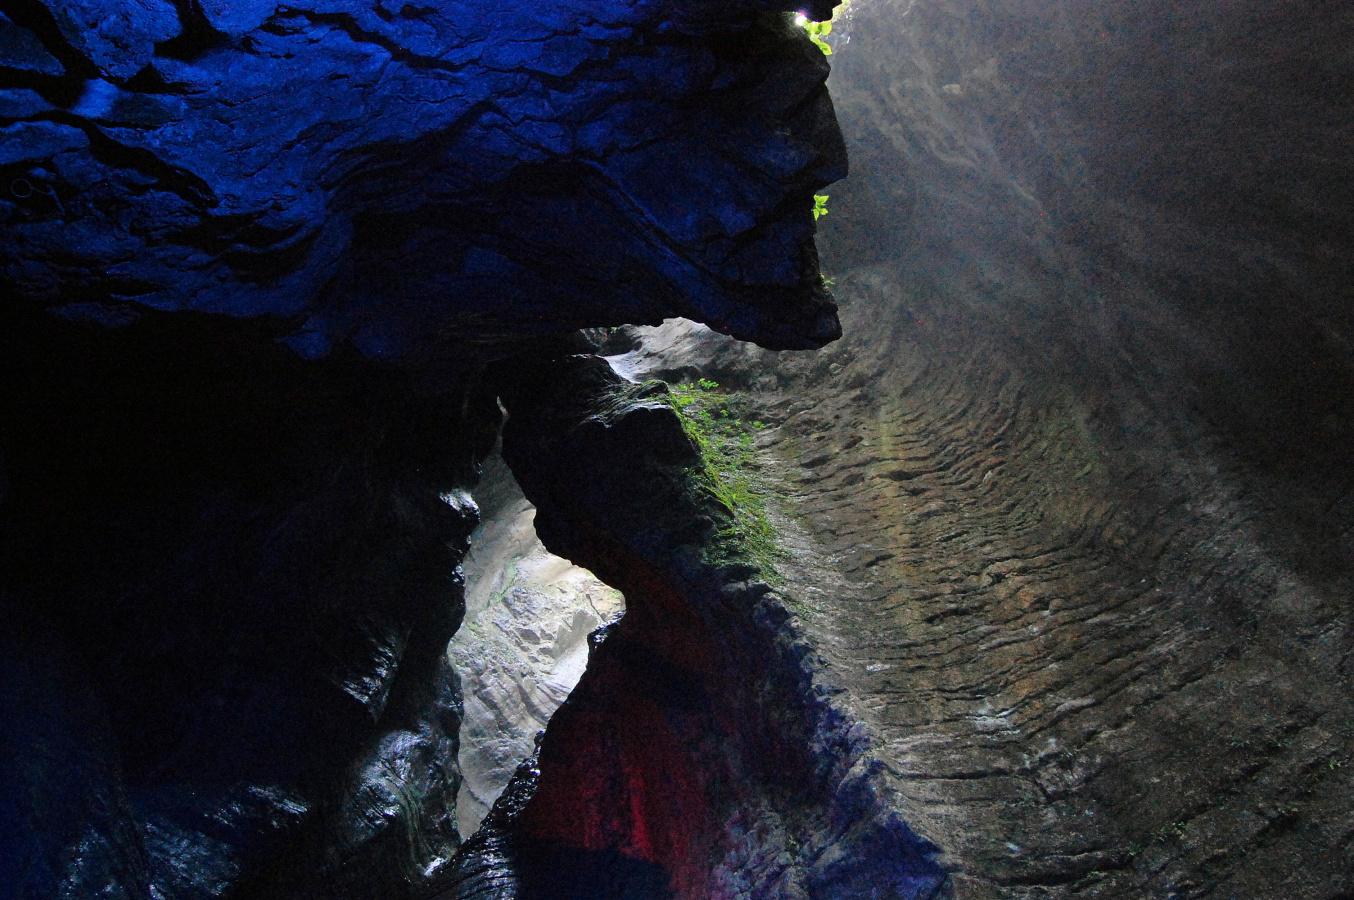 Obr. 7-2 jeskyně s vodopádem ve Varone